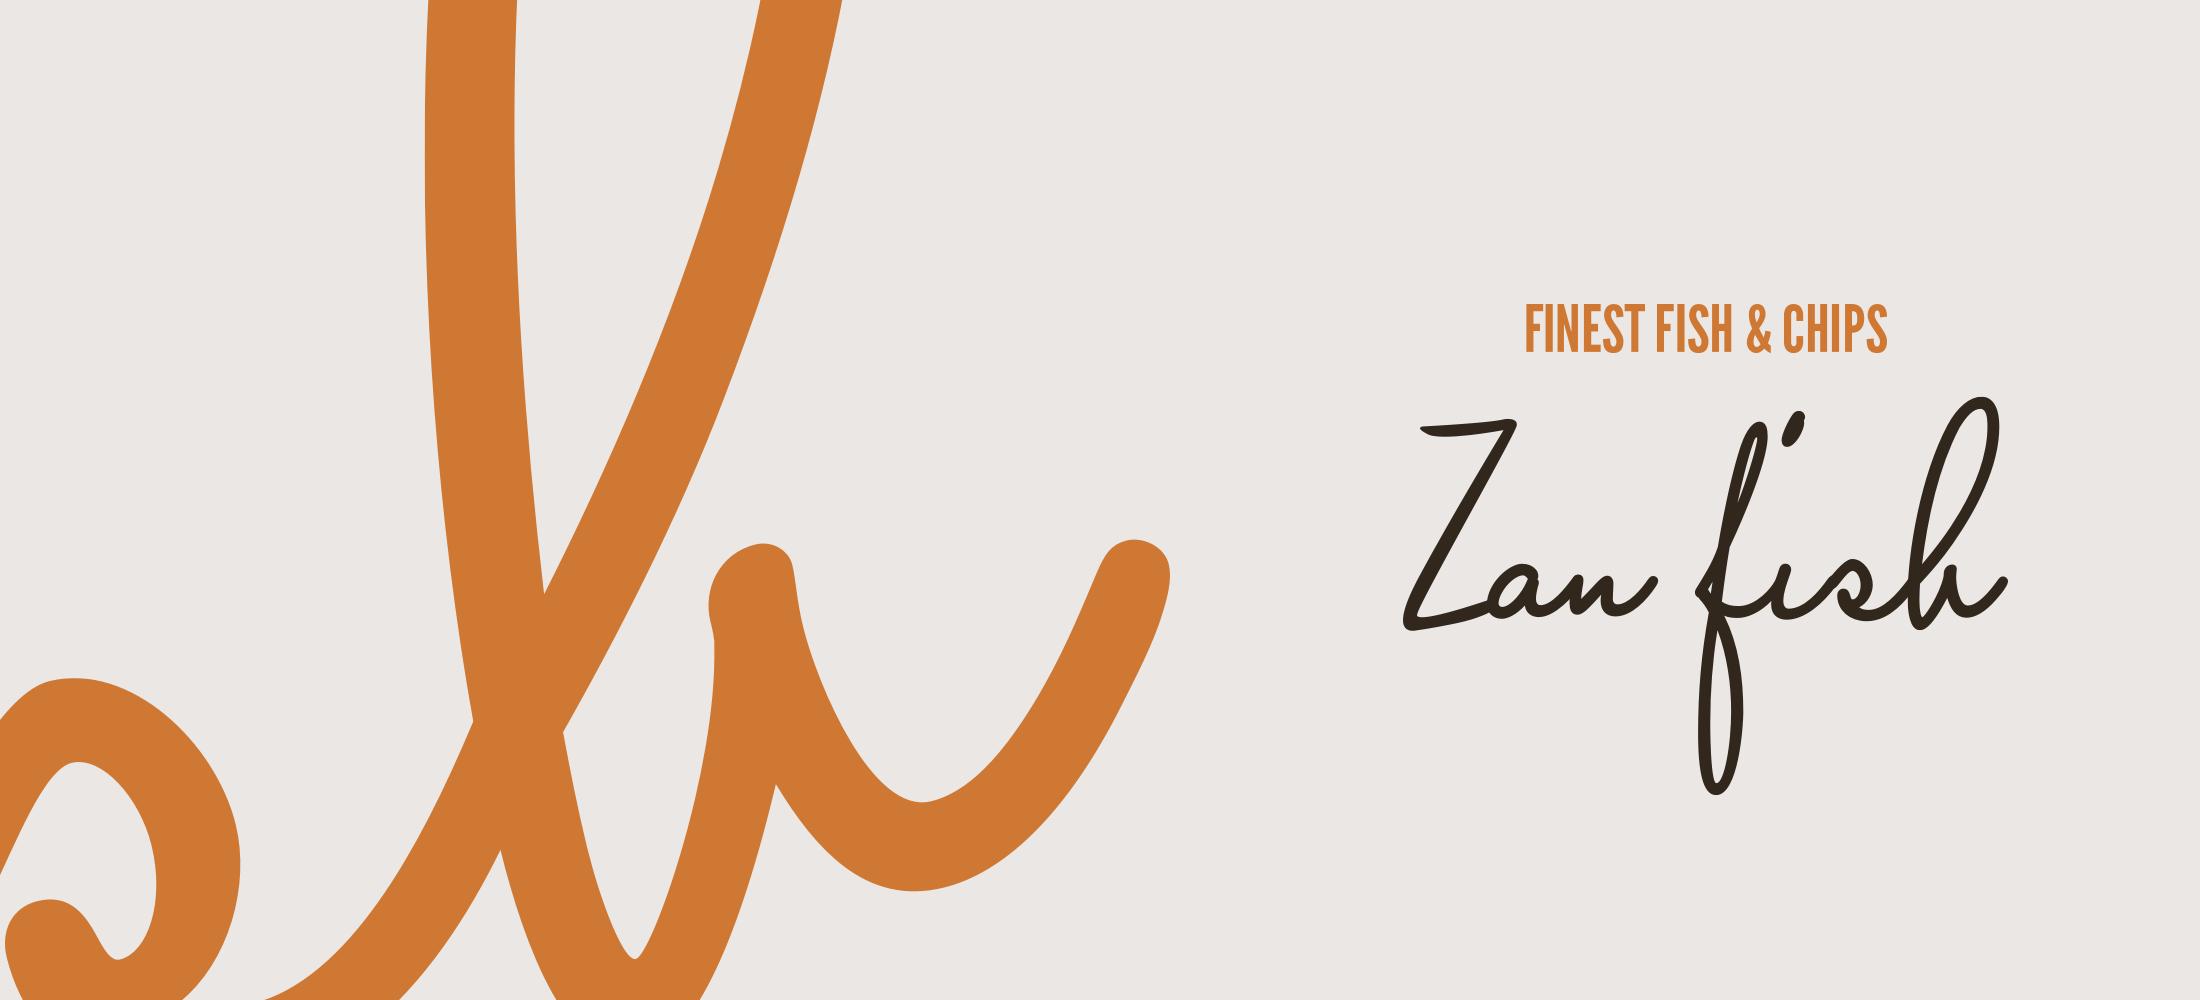 Zan Fish